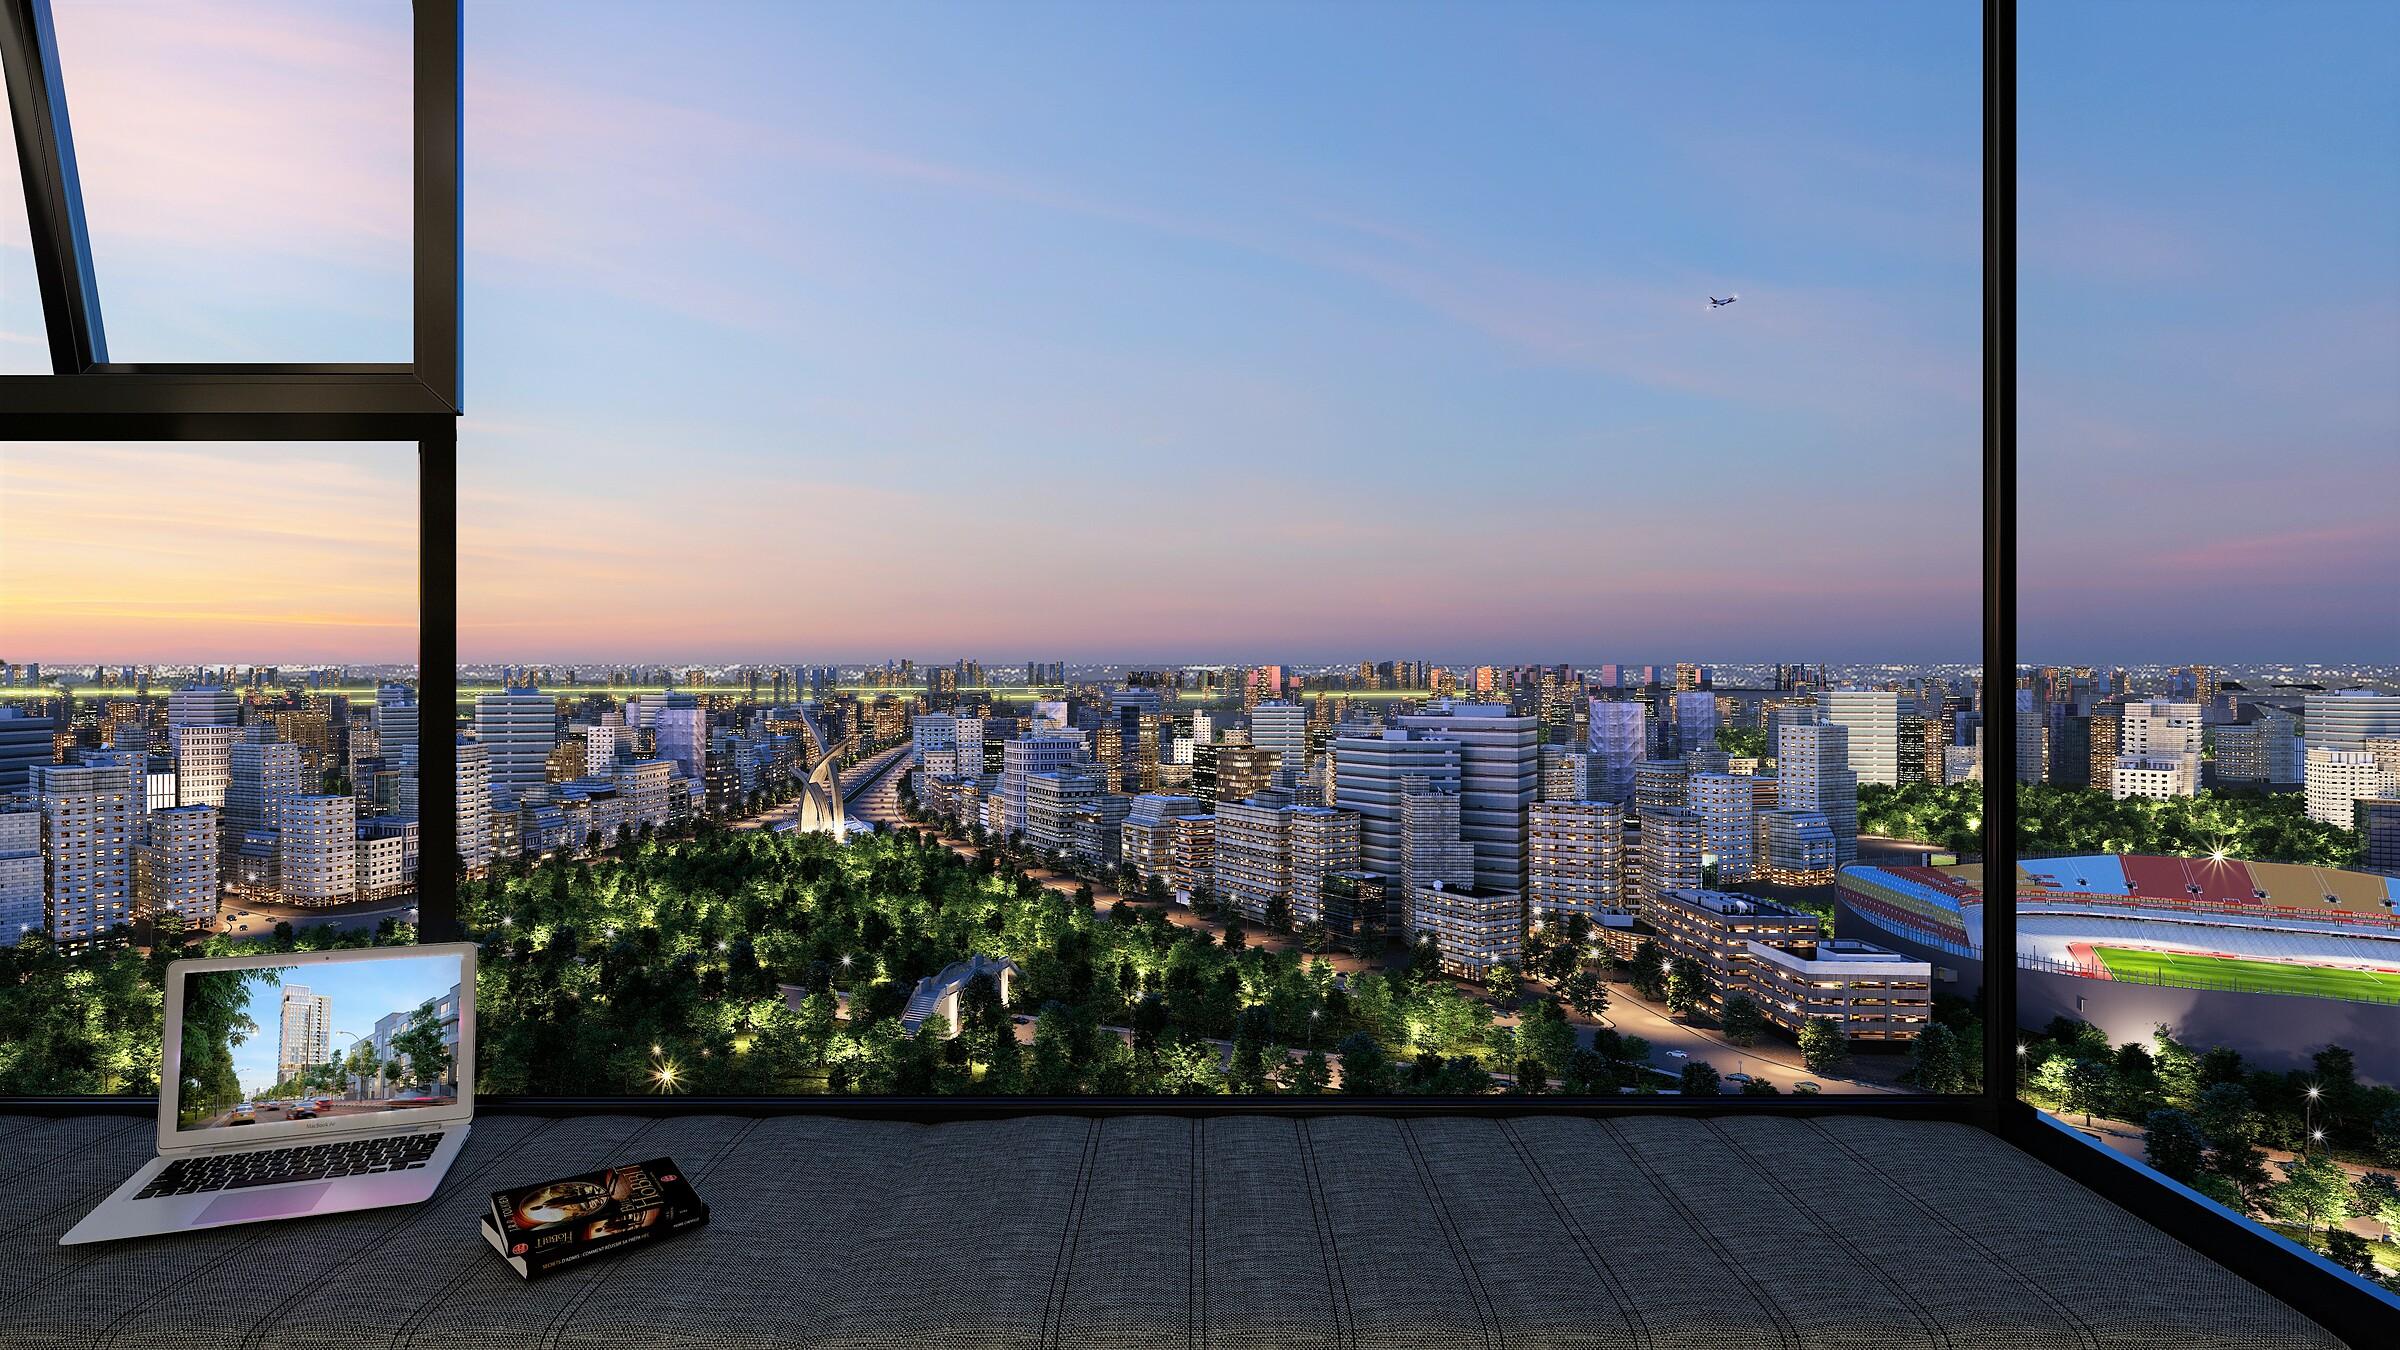 View nhìn toàn cảnh rộng thoáng của căn hộ Park Legend. Ảnh: ICC.